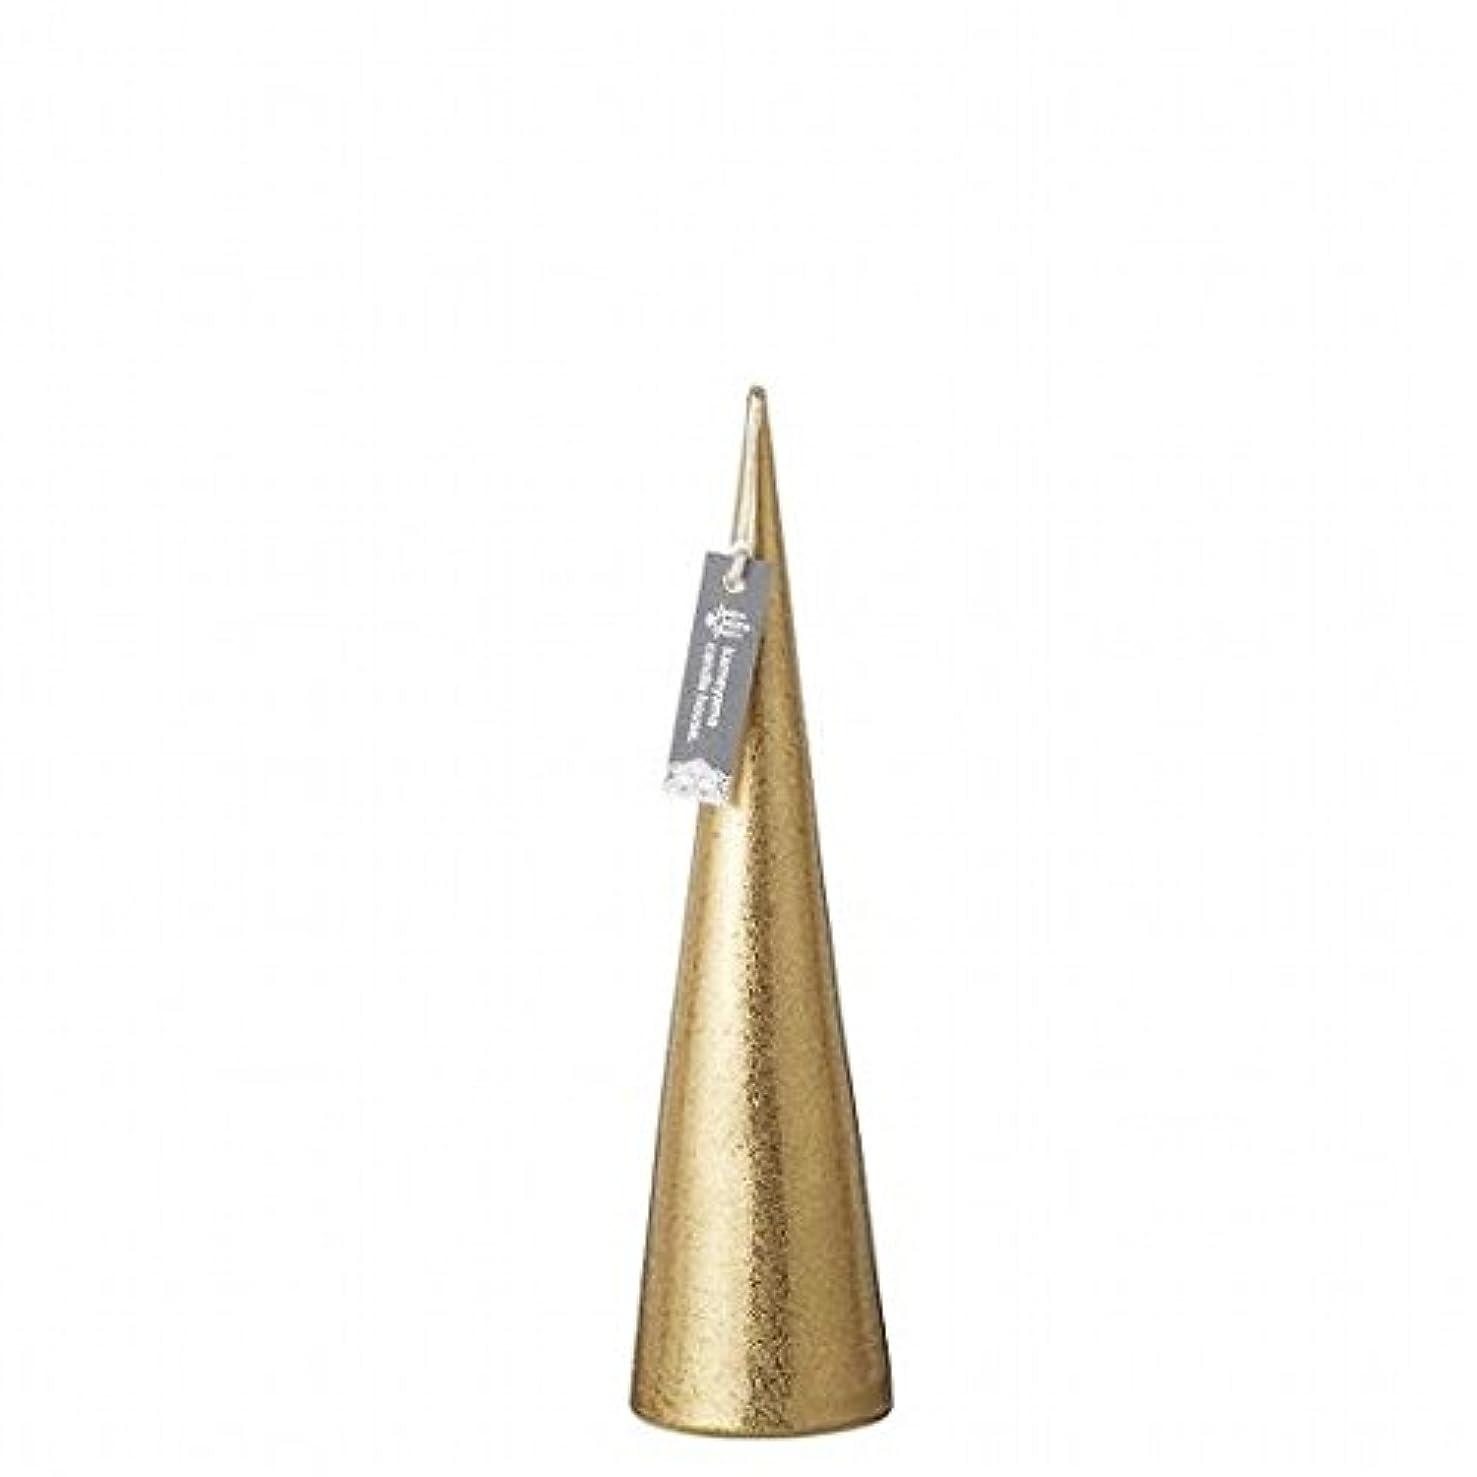 ドロップステンレス本当のことを言うとkameyama candle(カメヤマキャンドル) メタリックコーンM「 ゴールド 」(A9560110GO)